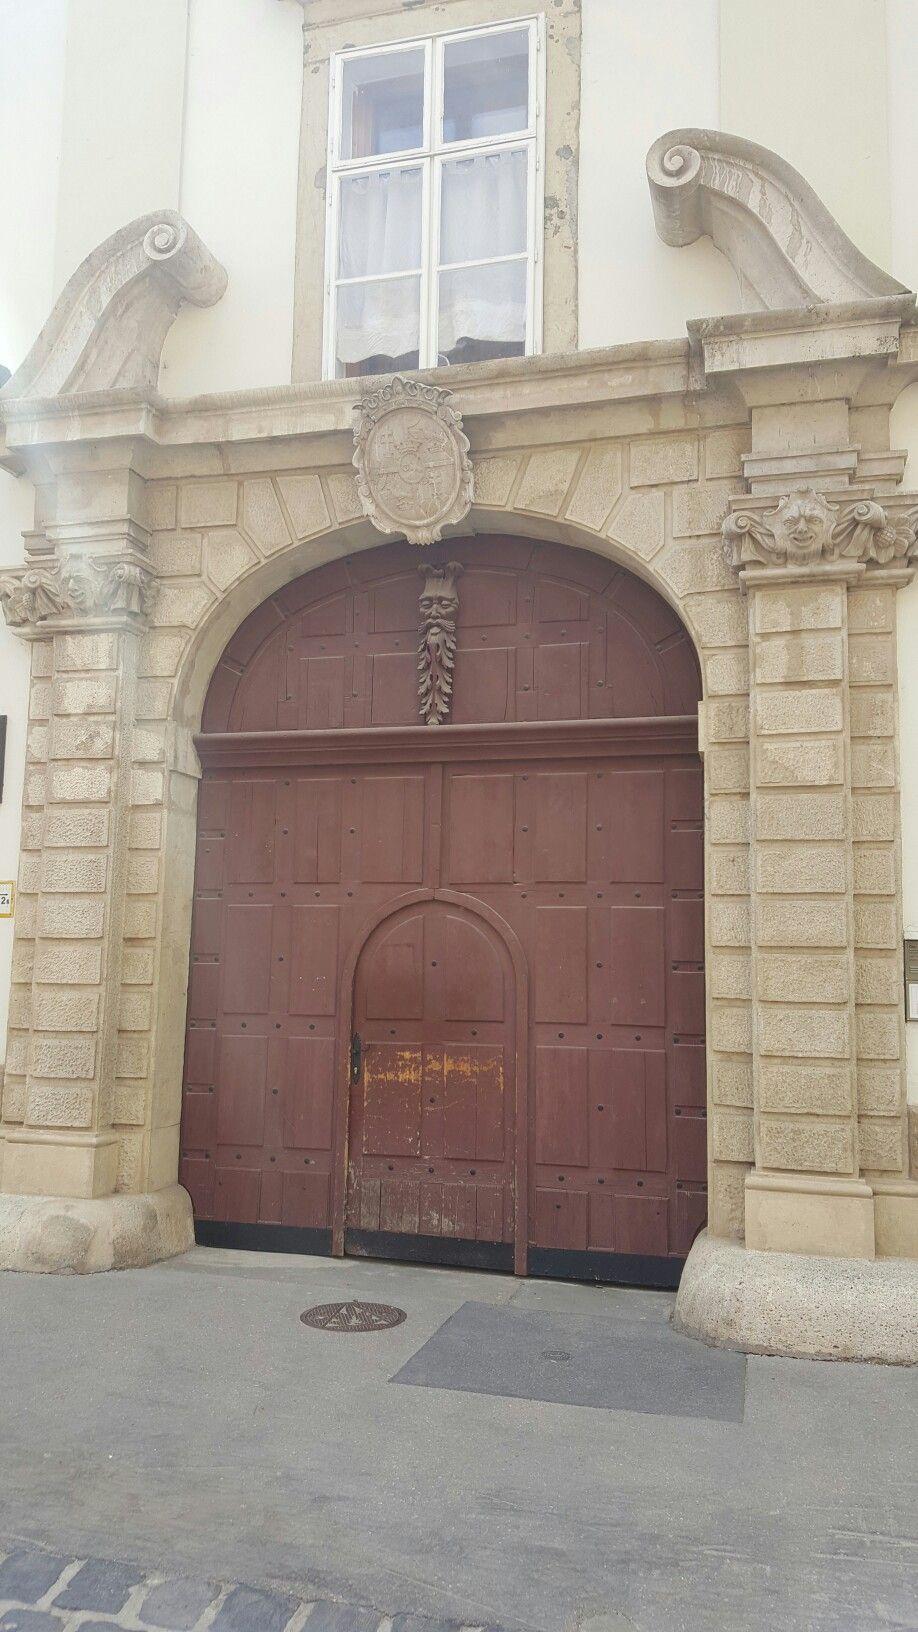 Uri utca Budapest Hungary